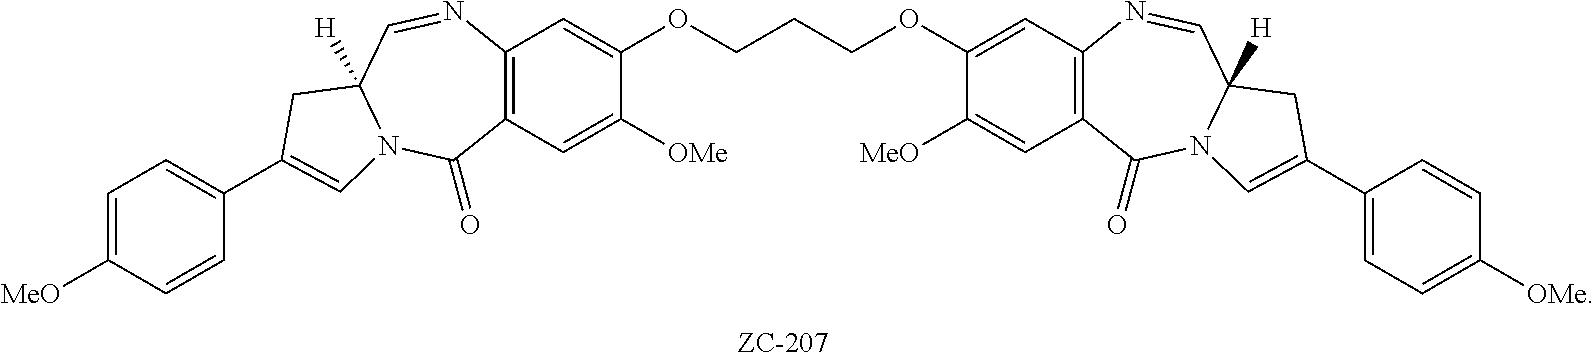 Figure US09821074-20171121-C00007